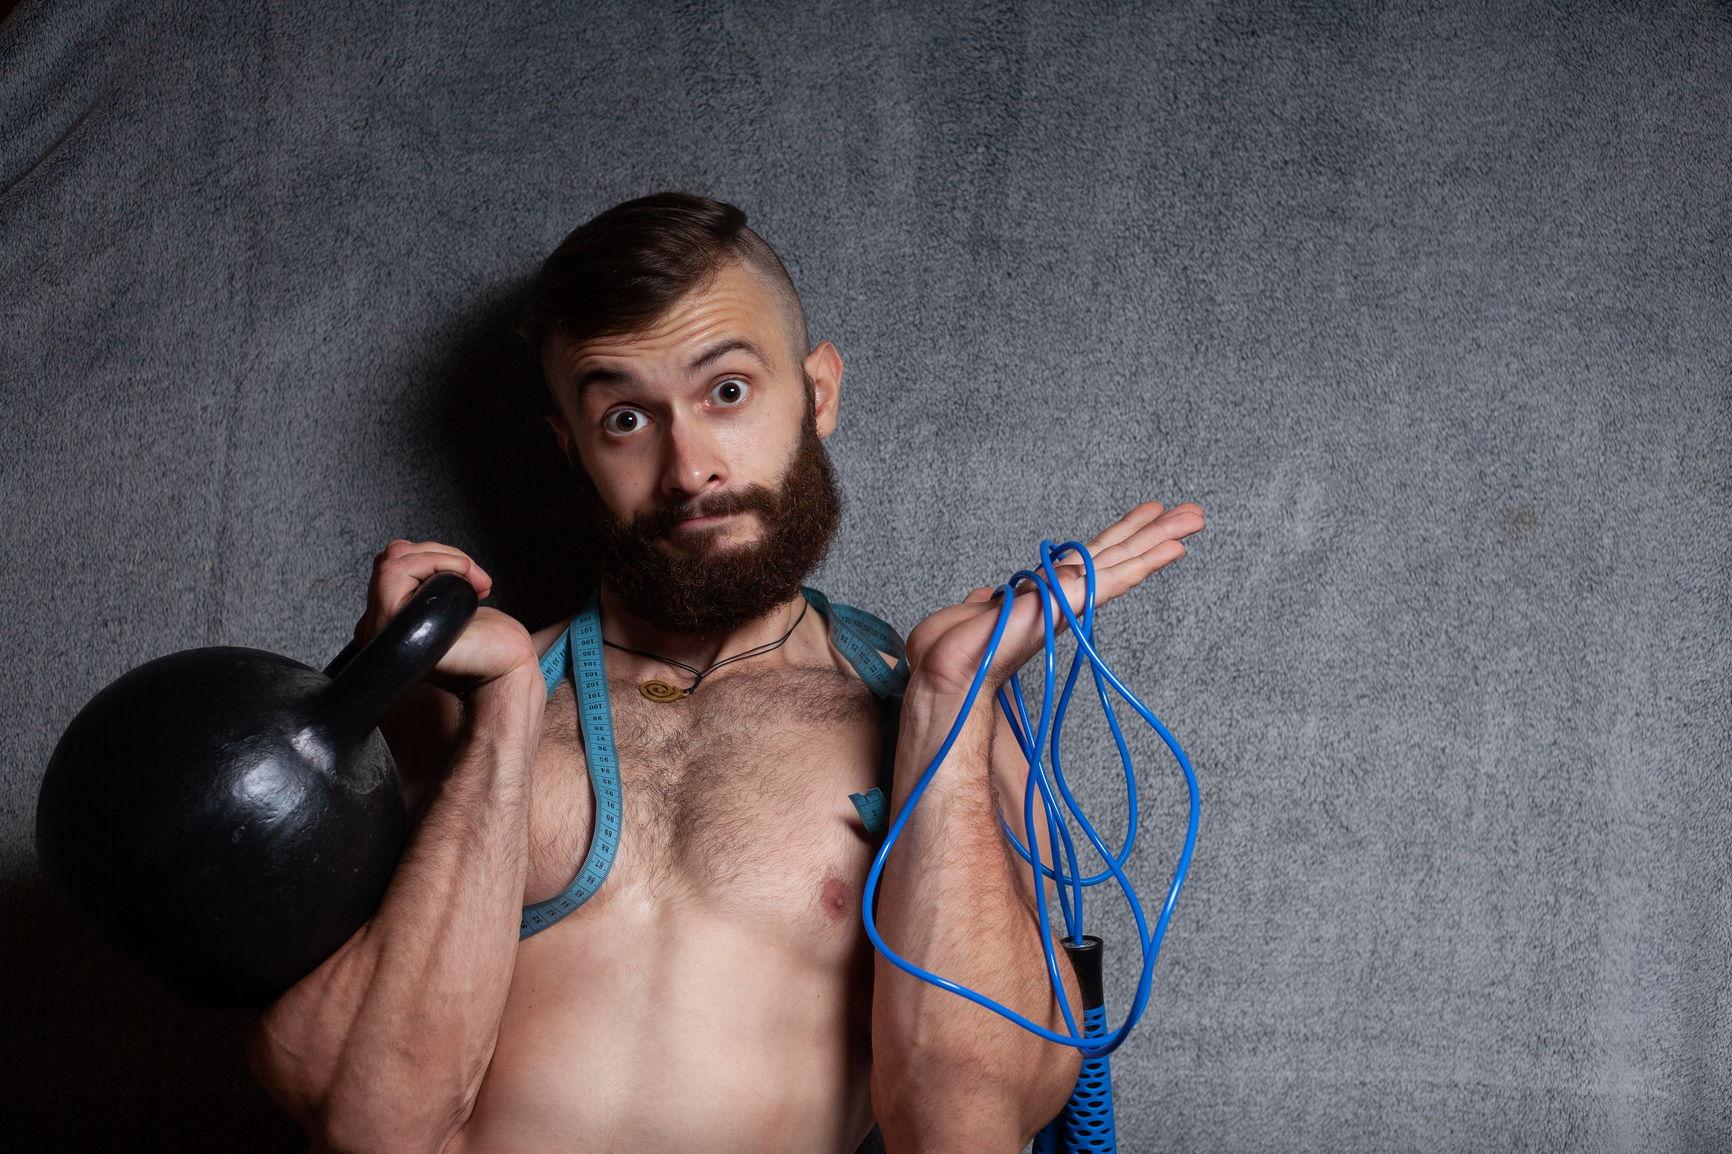 styrketrening kan øke testosteronnivået